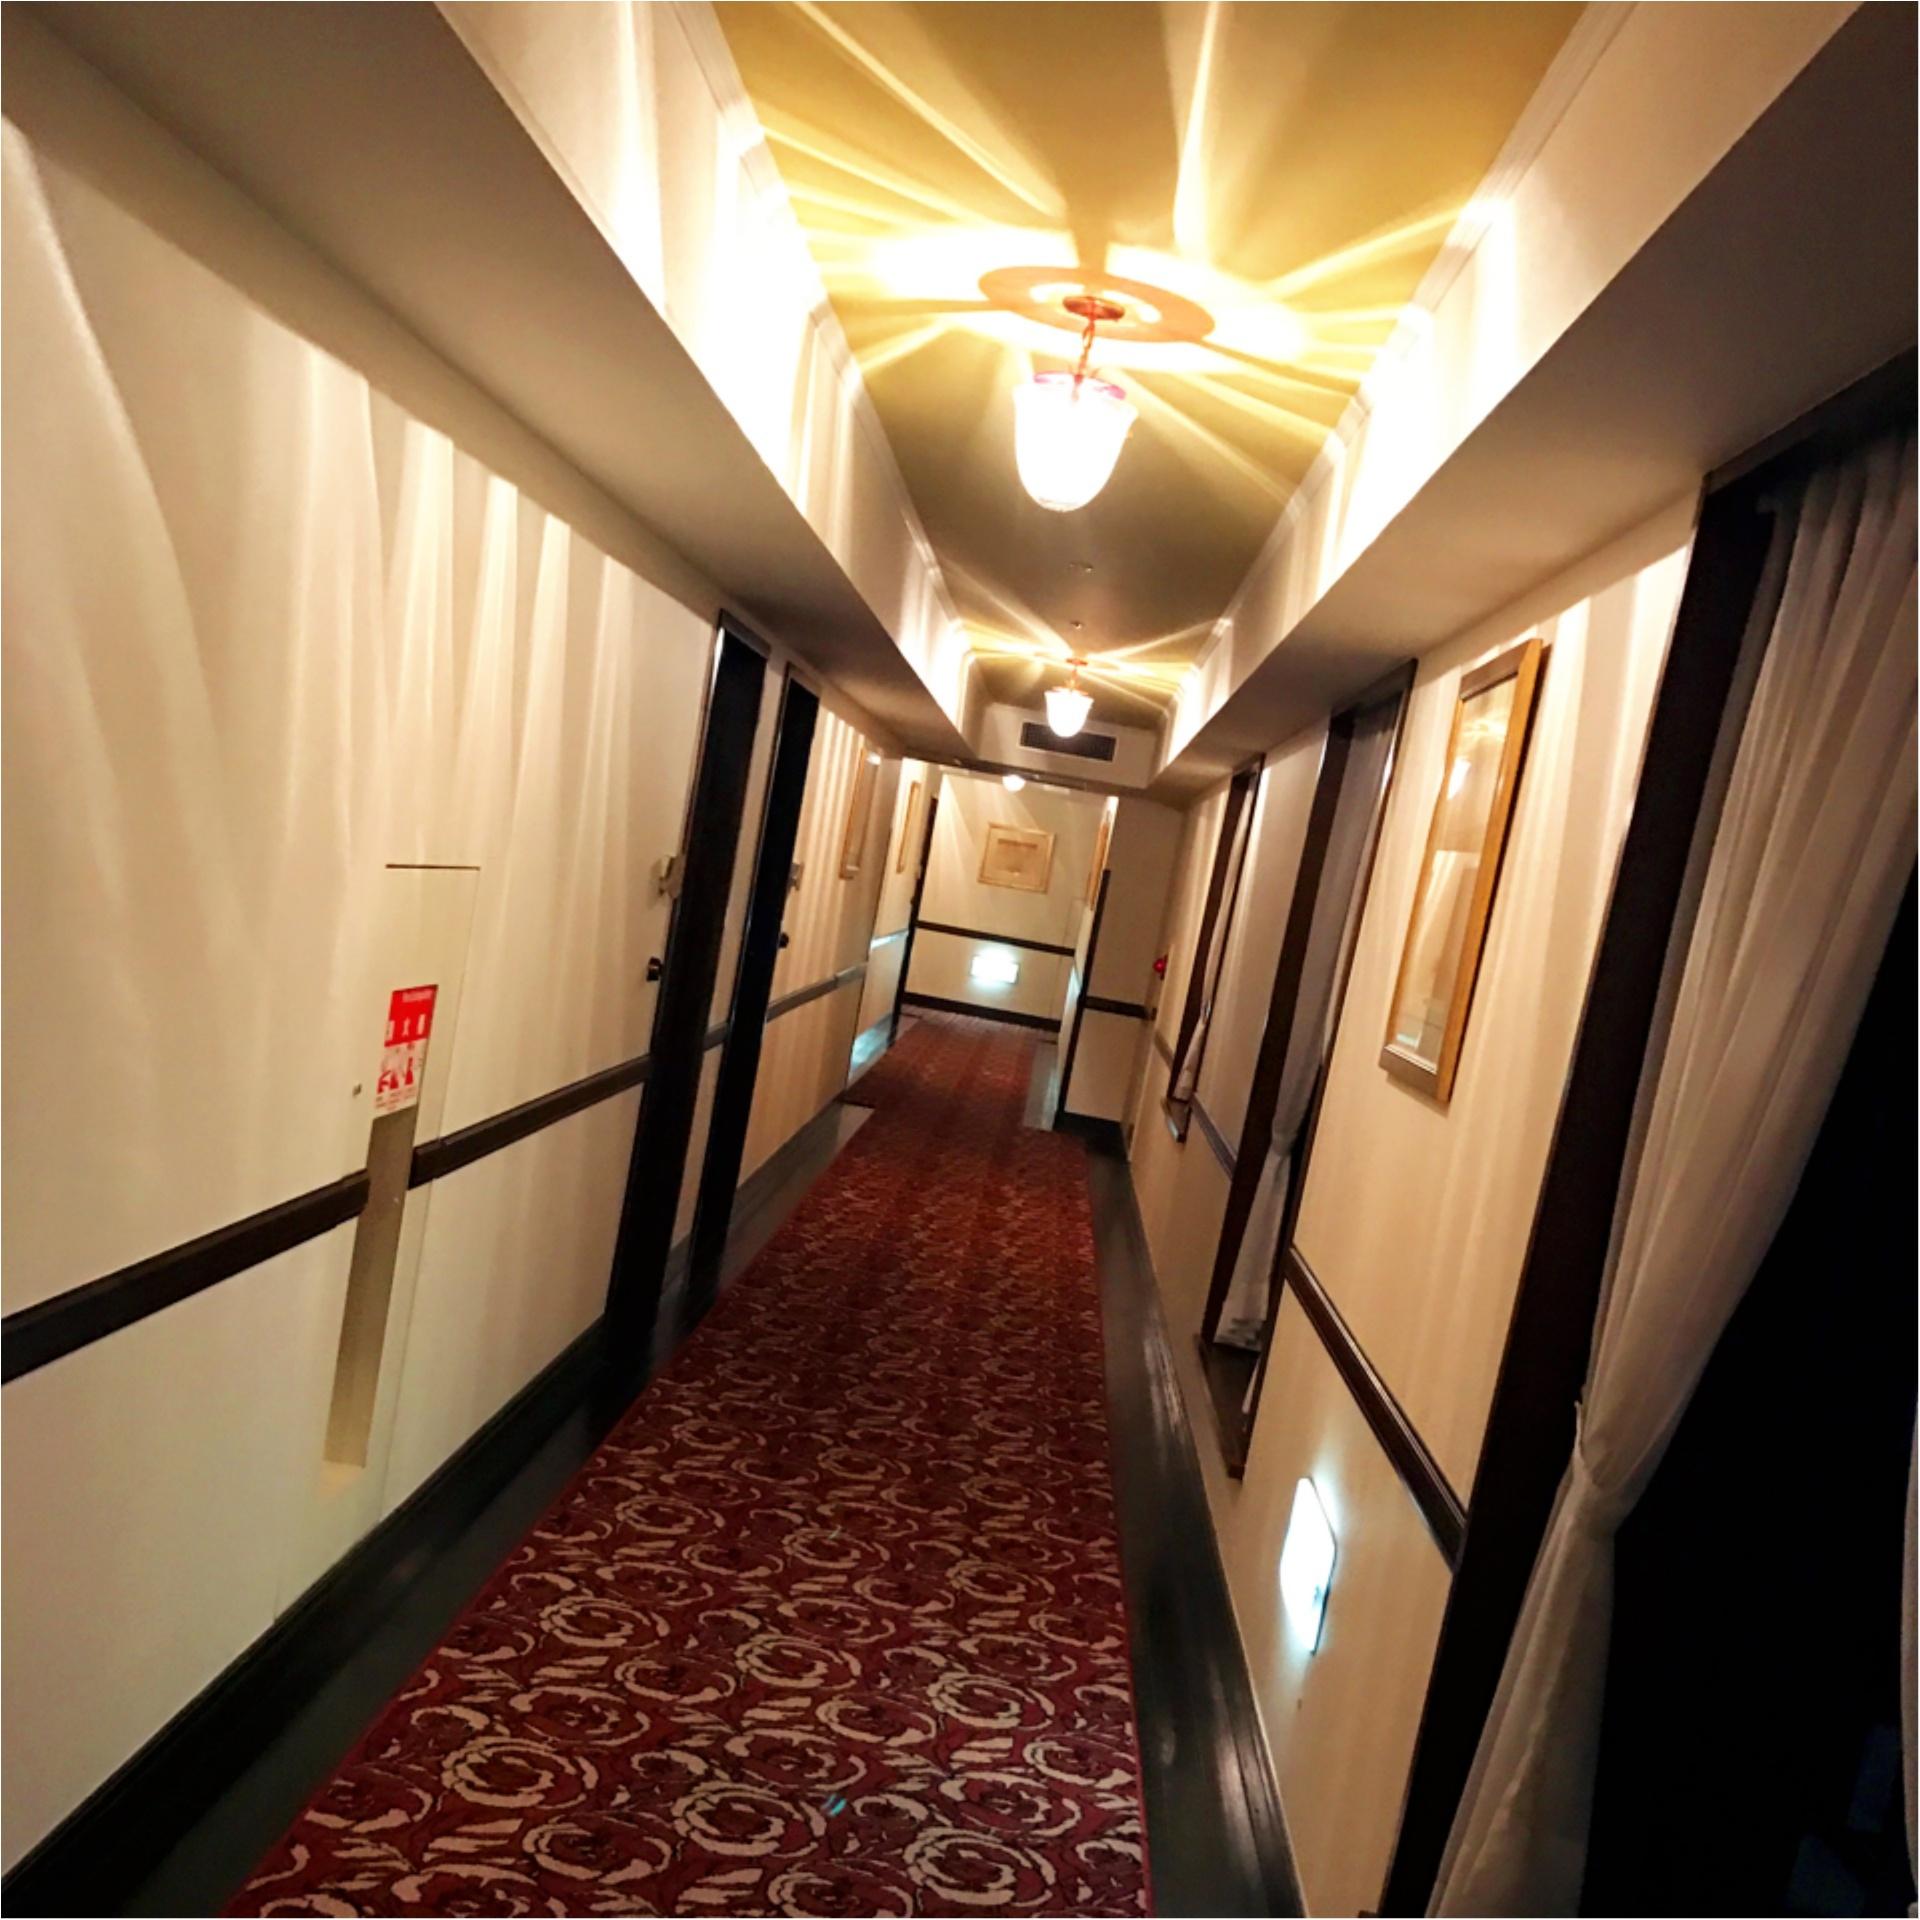 ★特別な日の思い出に…♡『ホテルモントレー大阪』で中世ヨーロッパ風ステイのススメ★_6